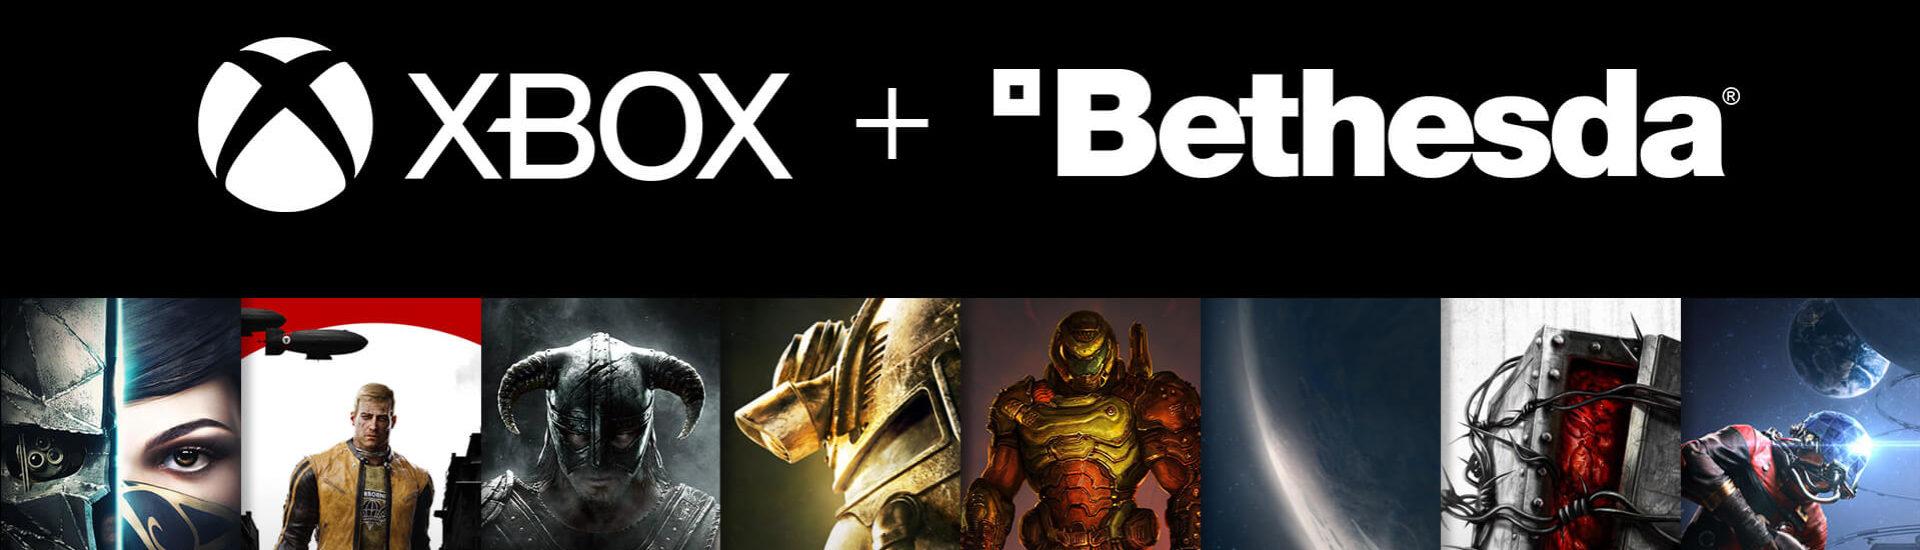 Microsoft: Bethesdas Rolle im Game Pass bald geklärt?